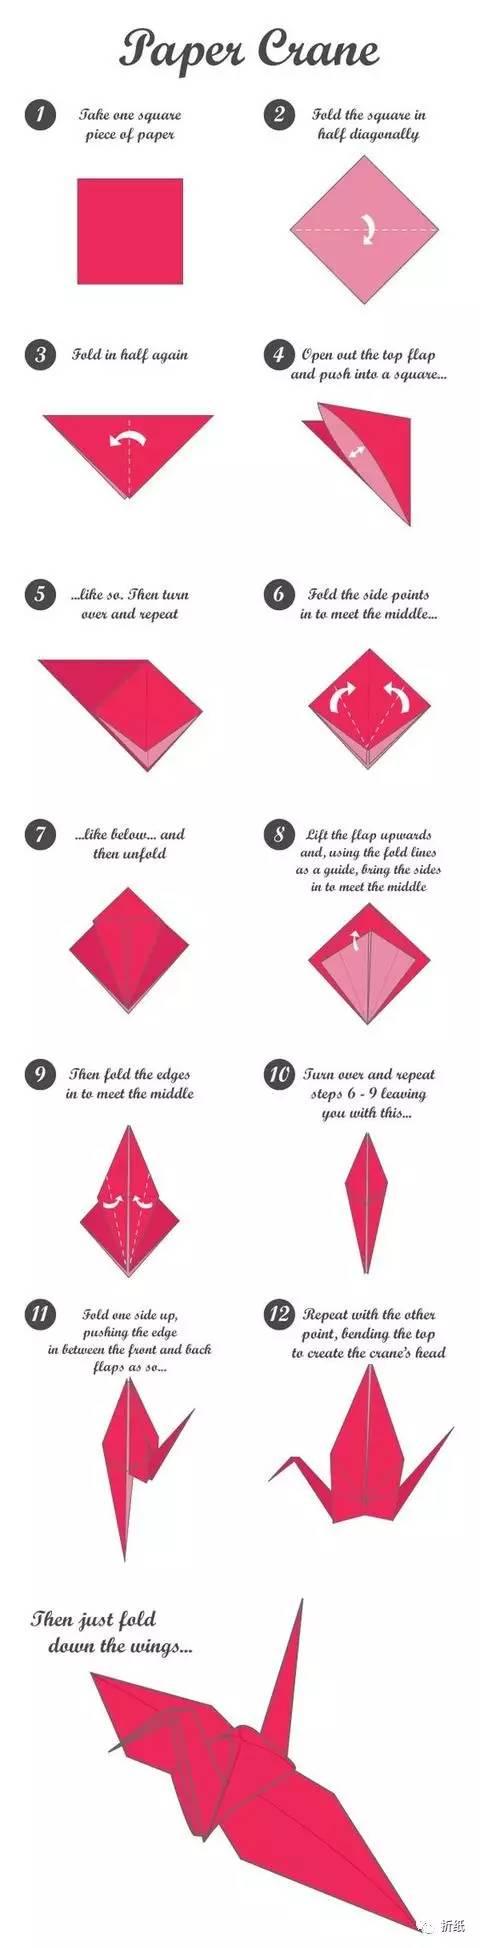 【折纸大全】飞机折纸步骤图解